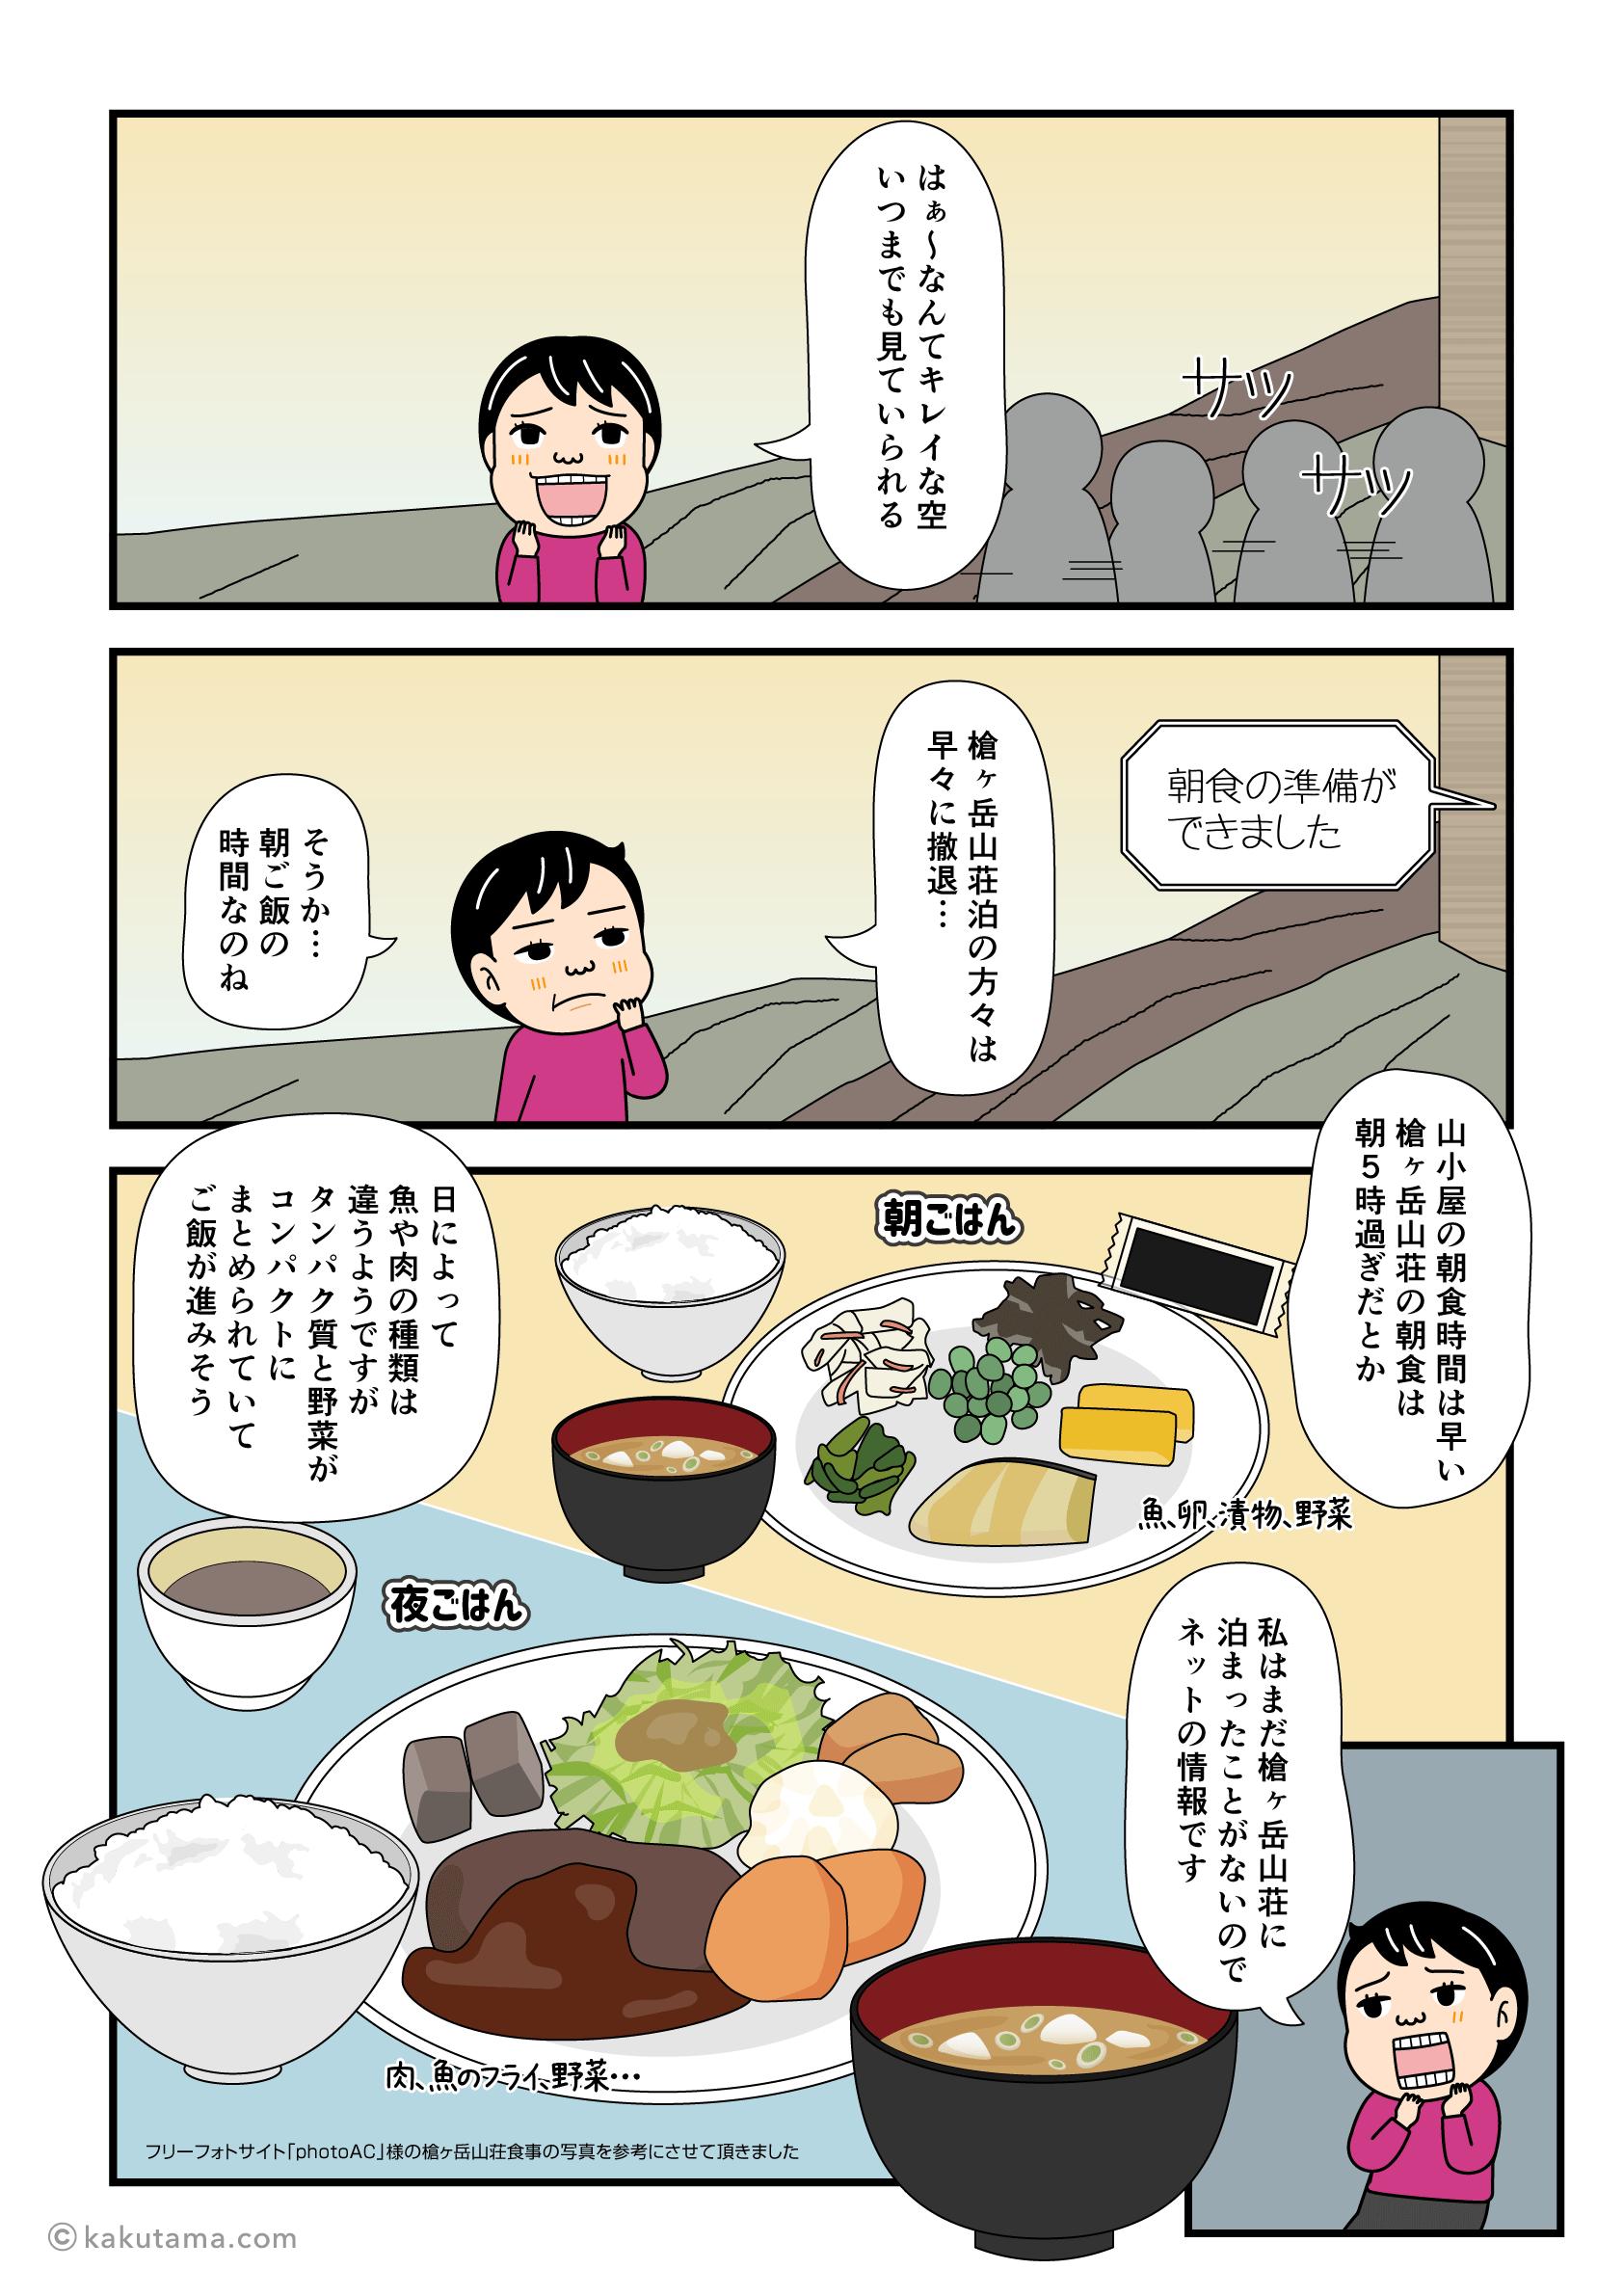 槍ヶ岳山荘の朝食の漫画